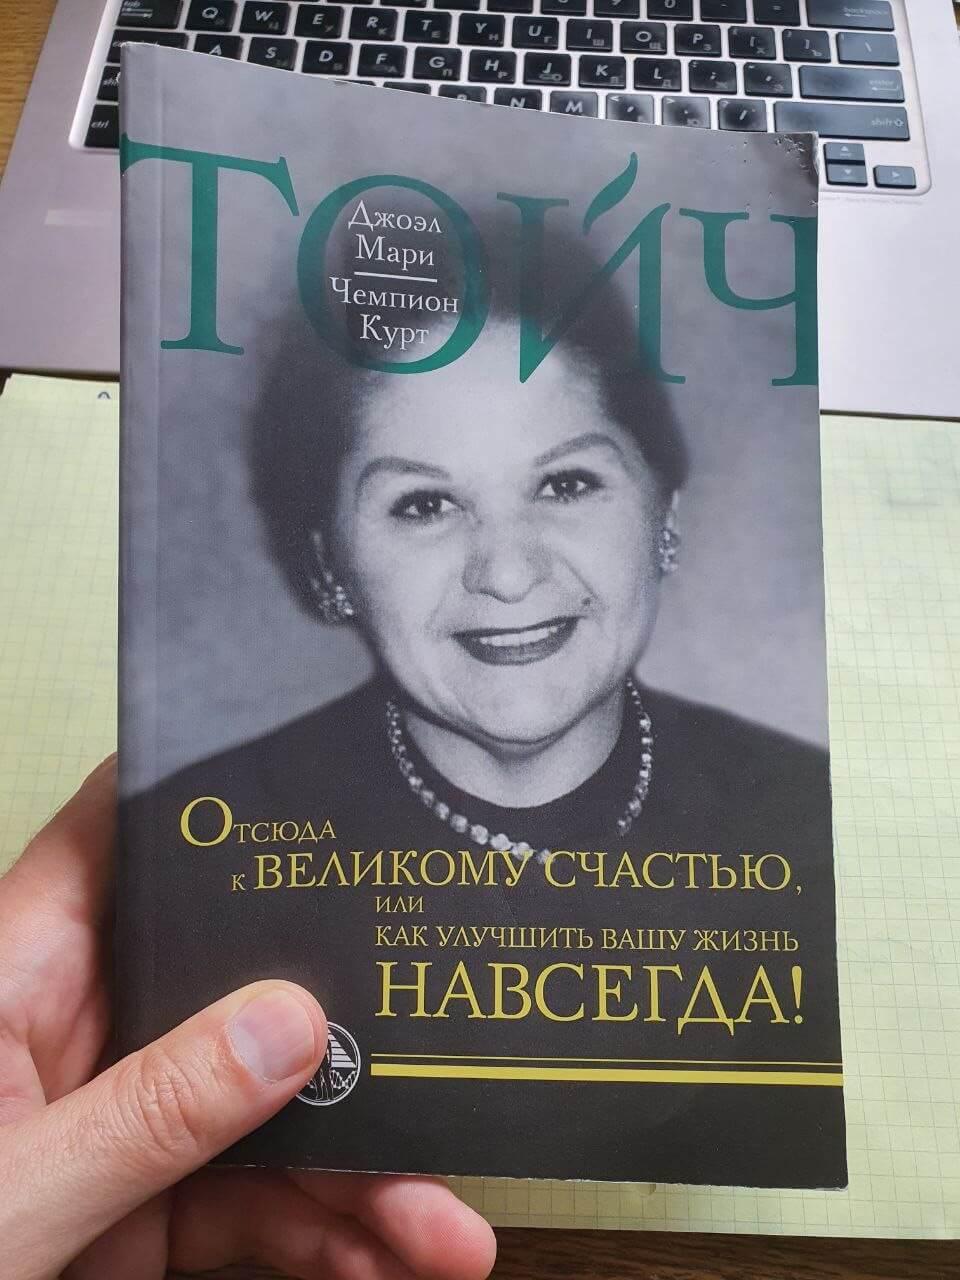 книги чемпиона курта тойча